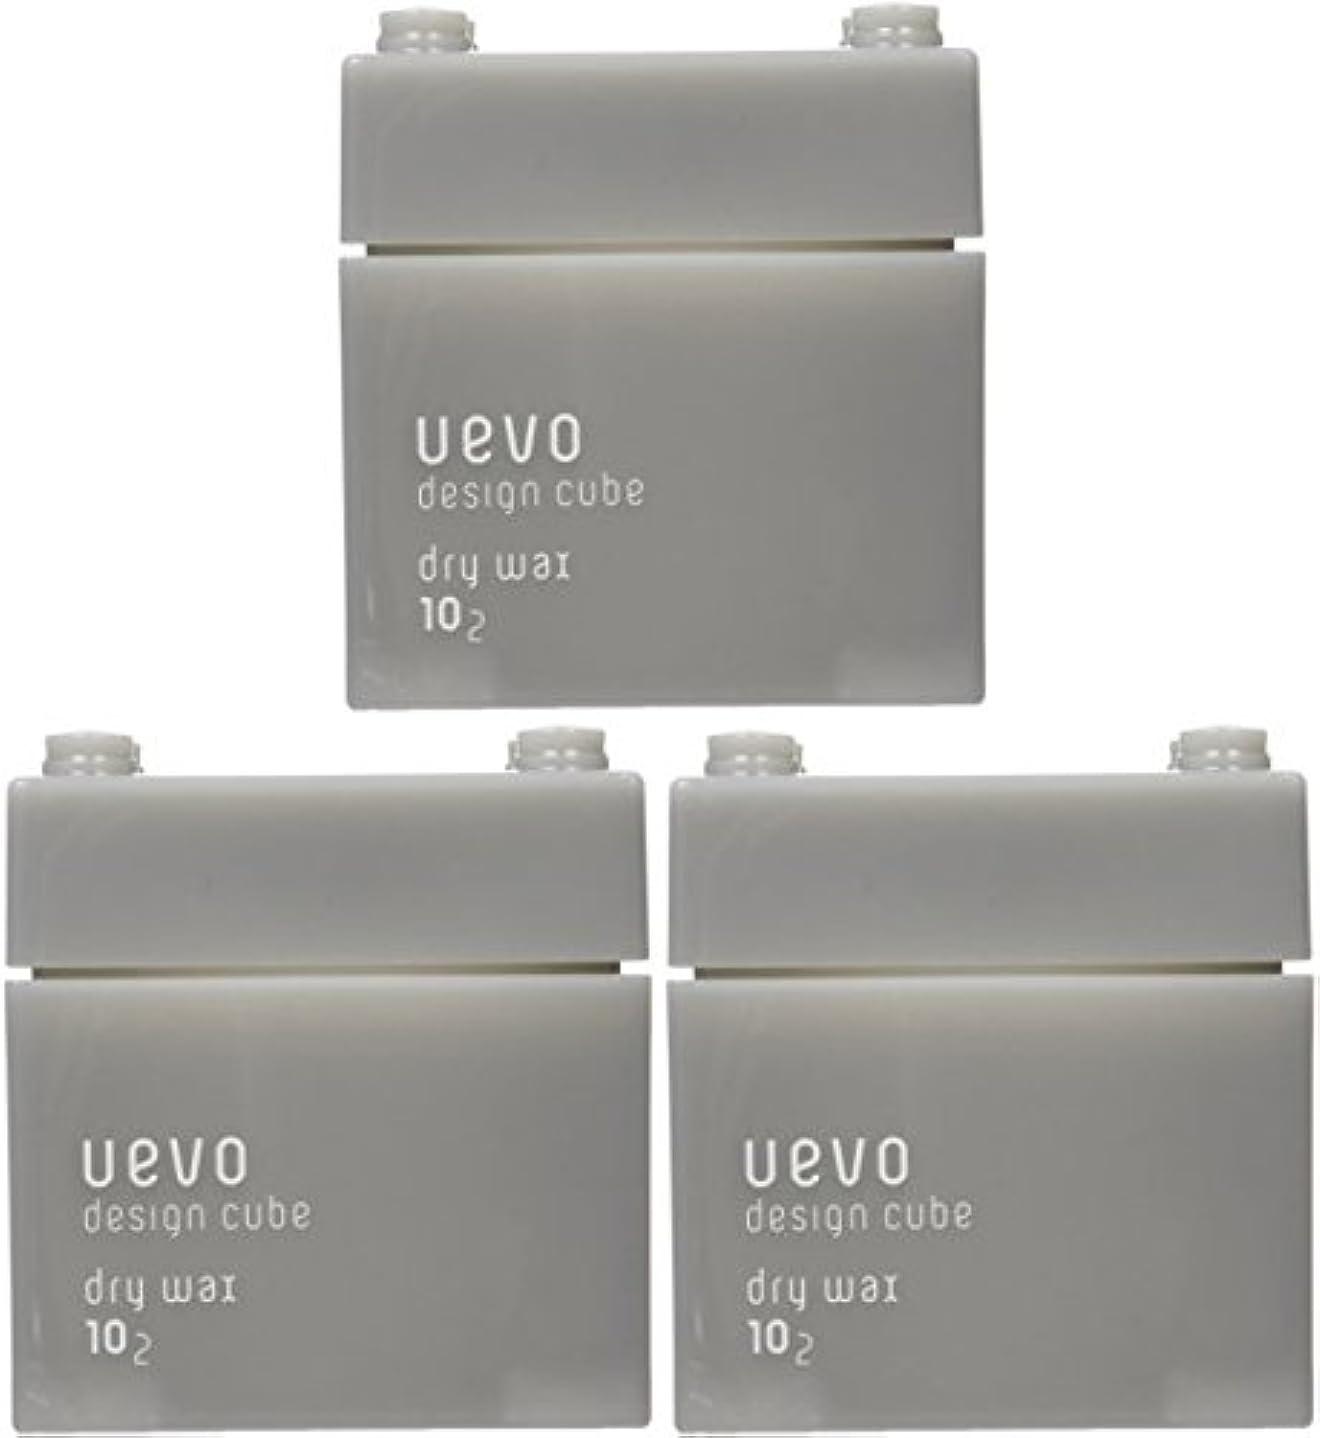 増幅器相談財産【X3個セット】 デミ ウェーボ デザインキューブ ドライワックス 80g dry wax DEMI uevo design cube